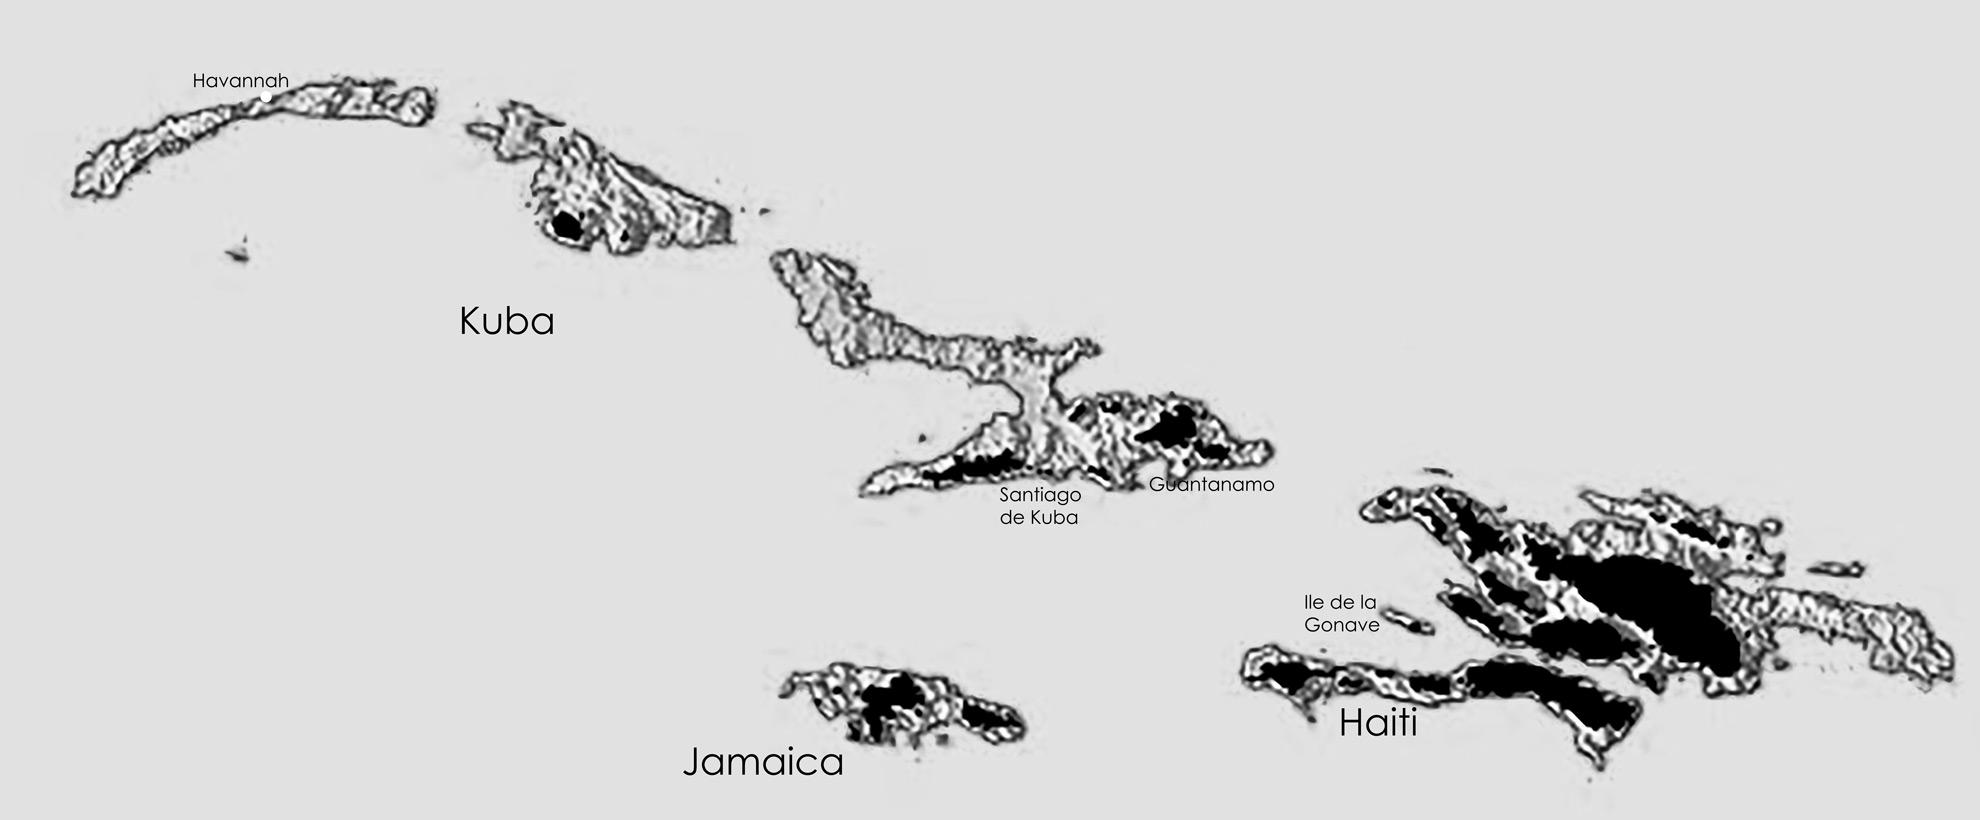 Kuba und Haiti